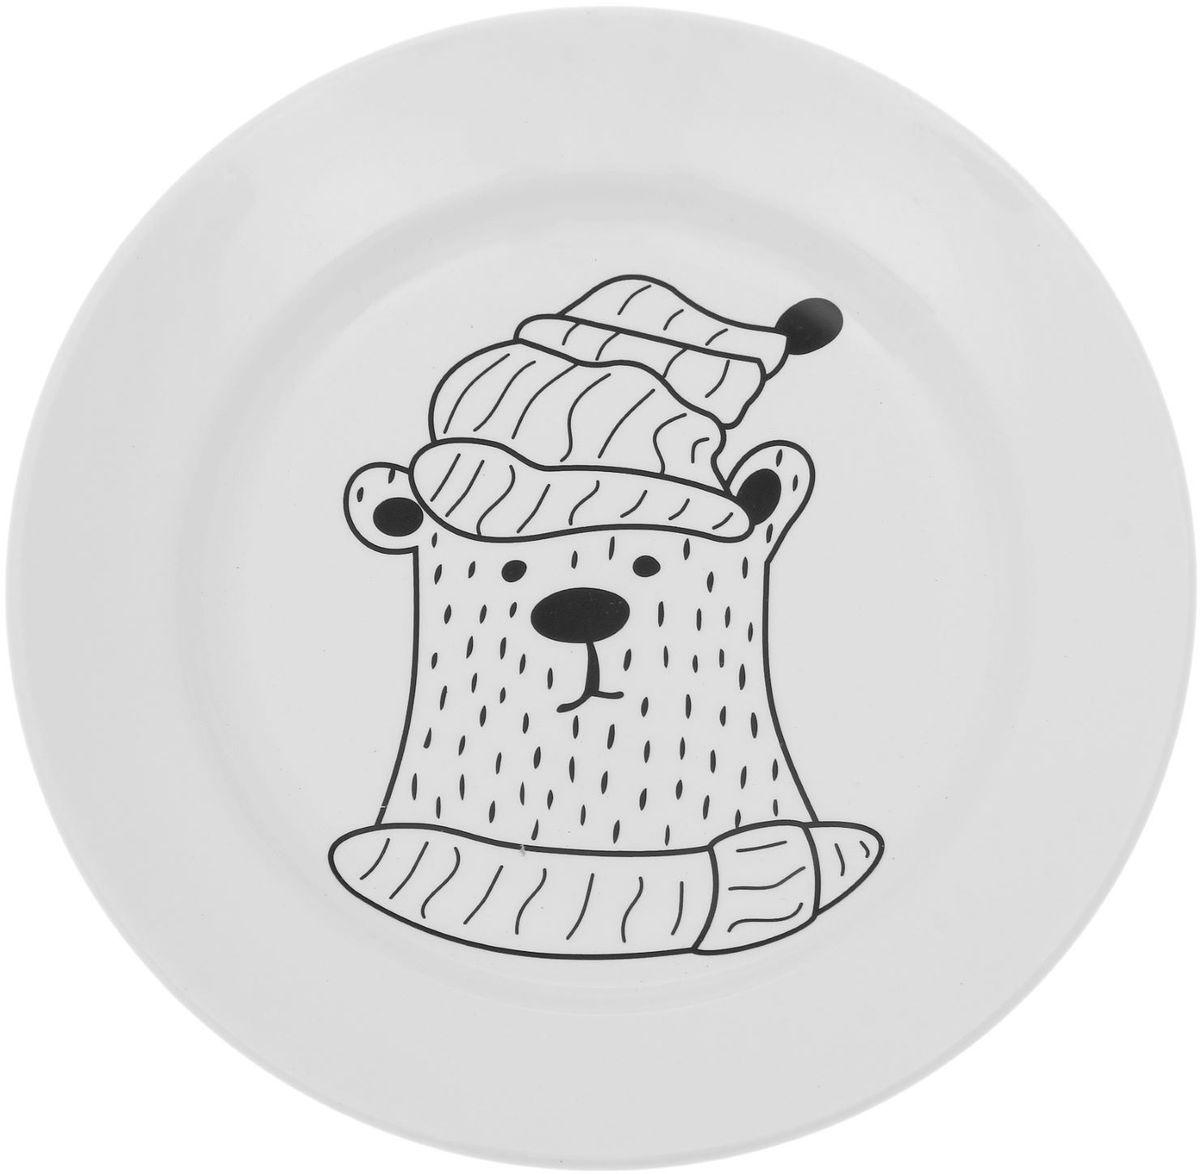 Тарелка мелкая Сотвори чудо Полярный мишка, диаметр 20 см54 009312Хотите обновить интерьер кухни или гостиной? Устраиваете необычную фотосессию или тематический праздник? А может, просто ищете подарок для близкого человека? Посуда Сотвори Чудо — правильный выбор в любой ситуации. Тарелка Сотвори Чудо, изготовленная из изящного фаянса нежного сливочного цвета, оформлена оригинальным рисунком со стойкой краской. Пригодна для посудомоечной машины.